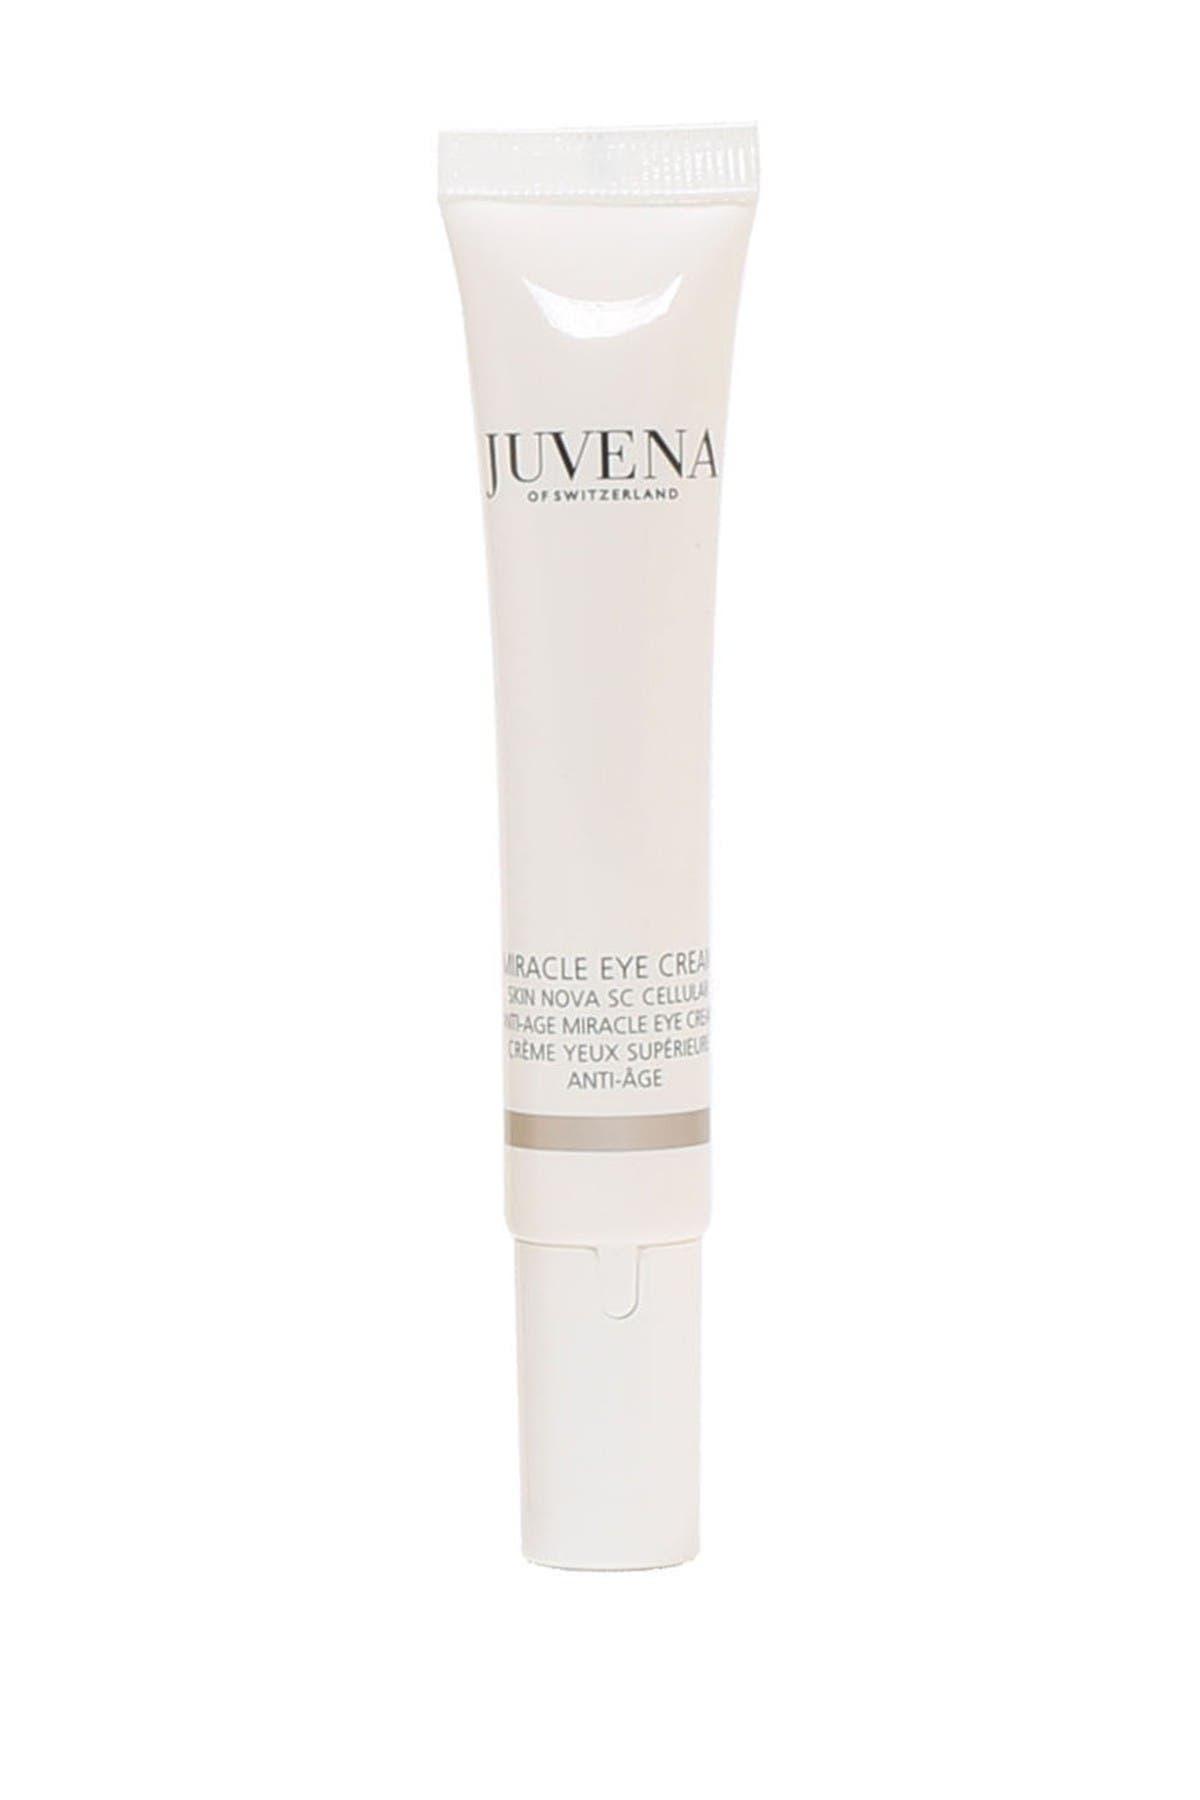 Image of Juvena Miracle Eye Cream